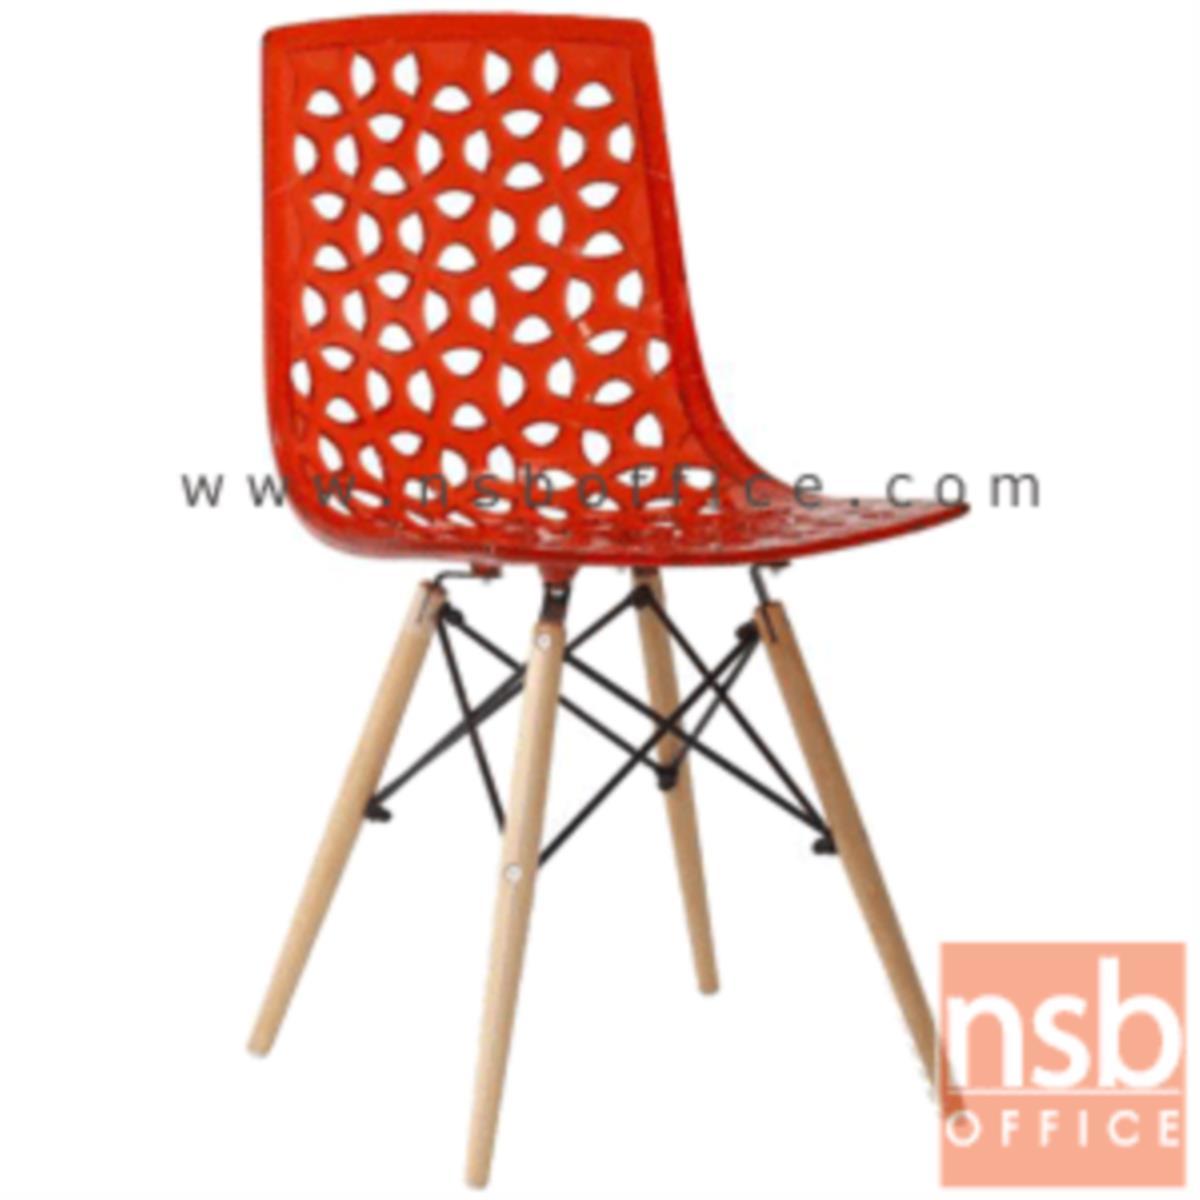 เก้าอี้โมเดิร์นพลาสติก(PC) รุ่น Alsea ขนาด 48W cm. โครงเหล็กเส้นพ่นดำ ขาไม้